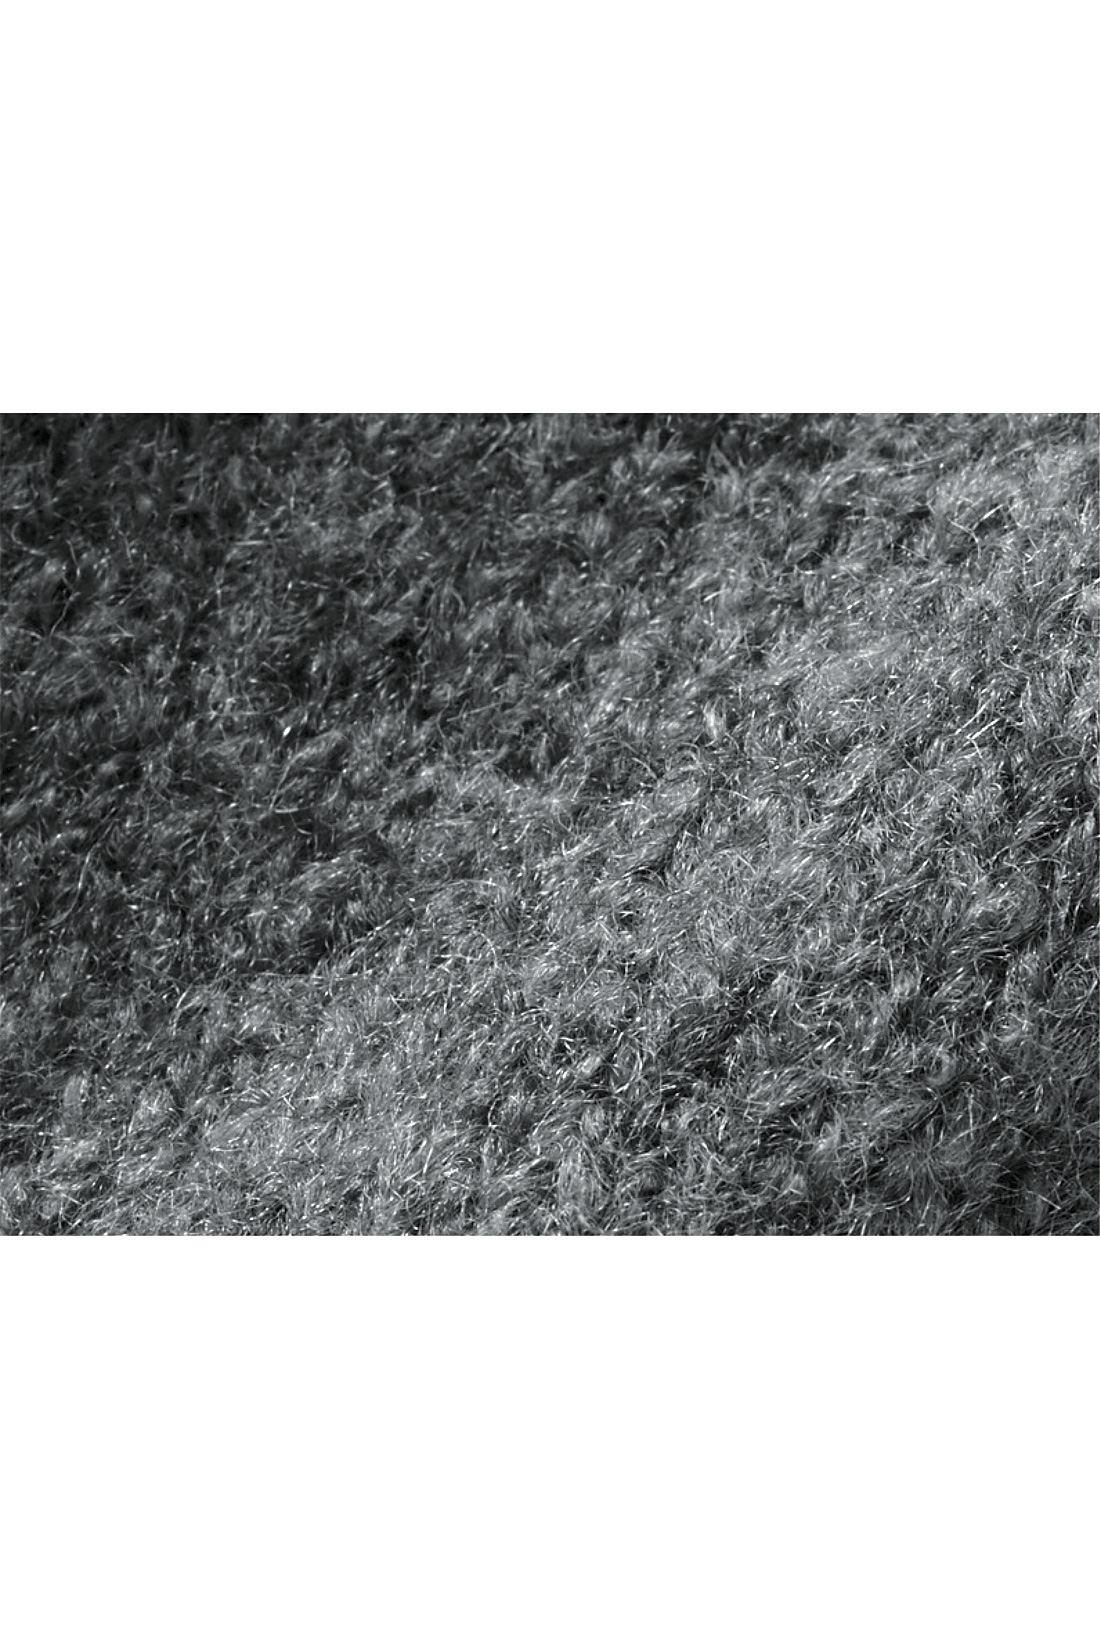 もっちりとした弾力のある生地。ウール混でより暖かく、起毛がふんわりした雰囲気も演出します。 ※お届けするカラーとは異なります。